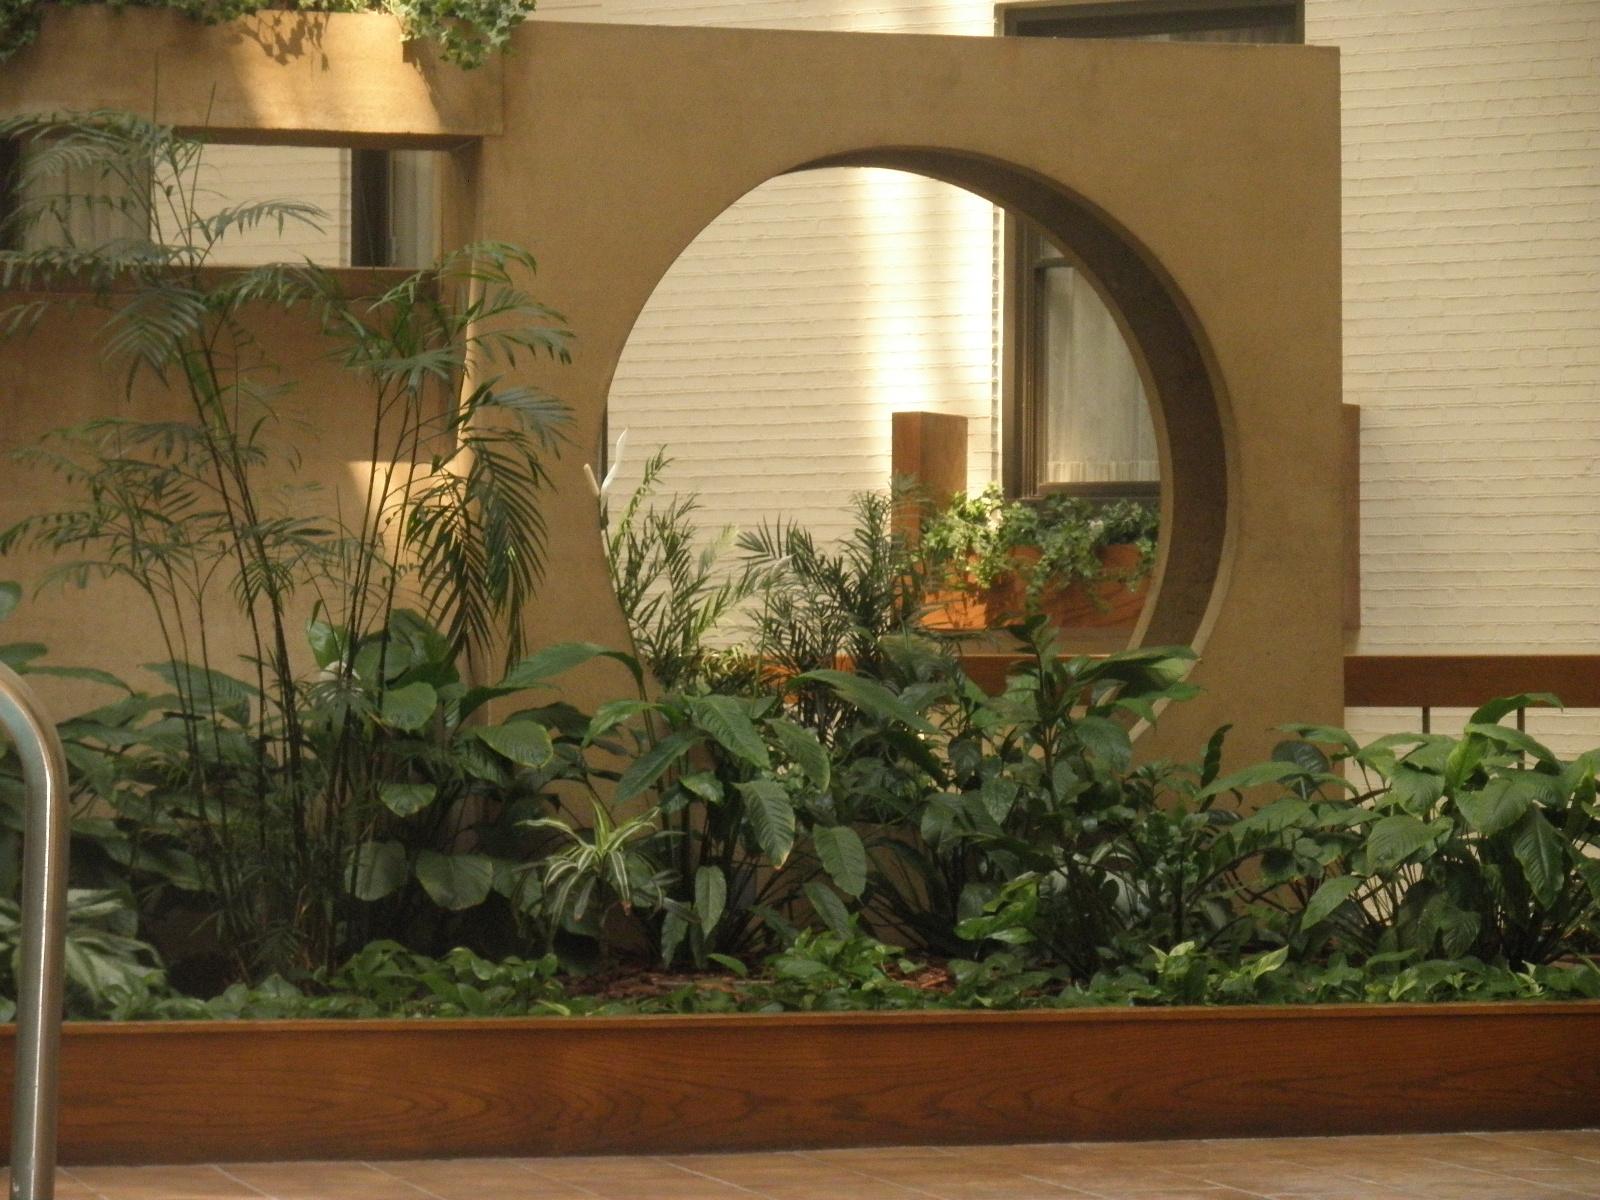 Summer Indoor Plants 2